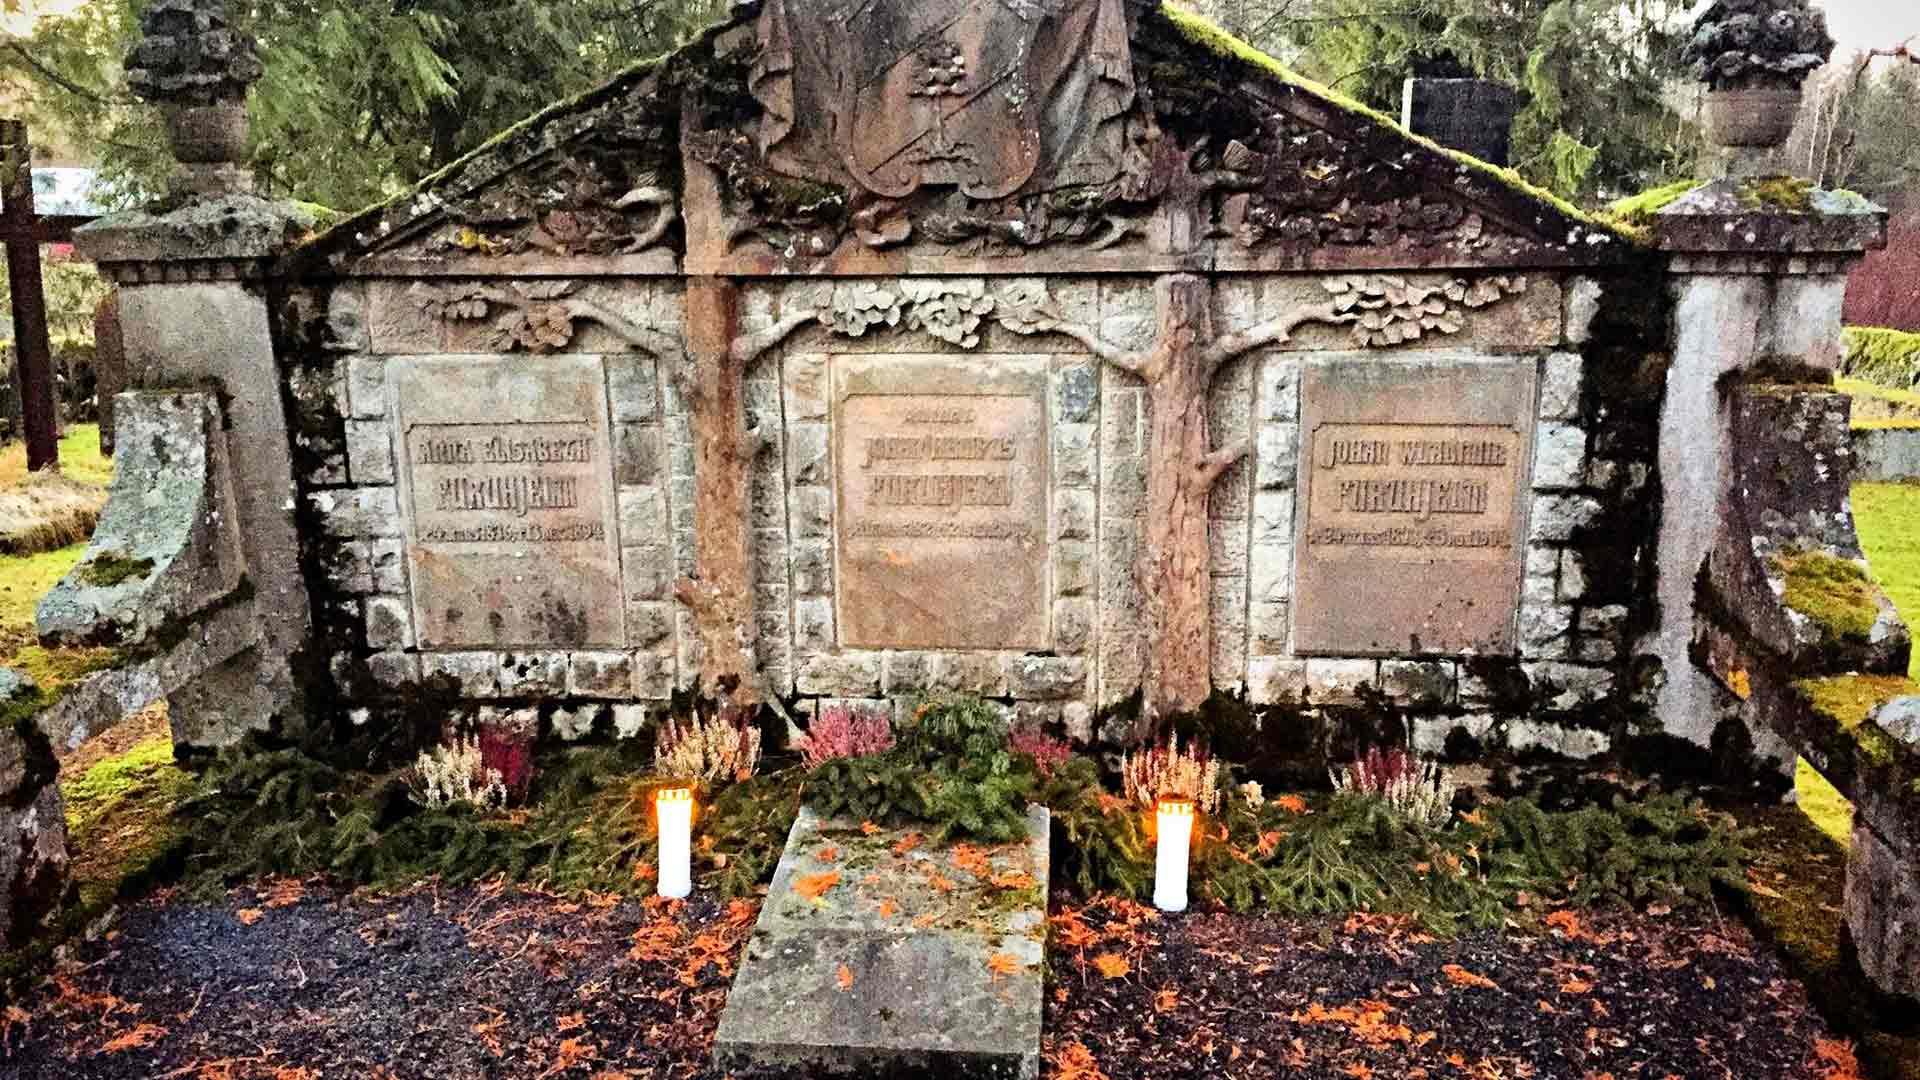 Urjalan hautausmaalla olevassa Furuhjelmien sukuhaudassa sai aikanaan viimeisen leposijansa myös Hampus Furuhjelm.